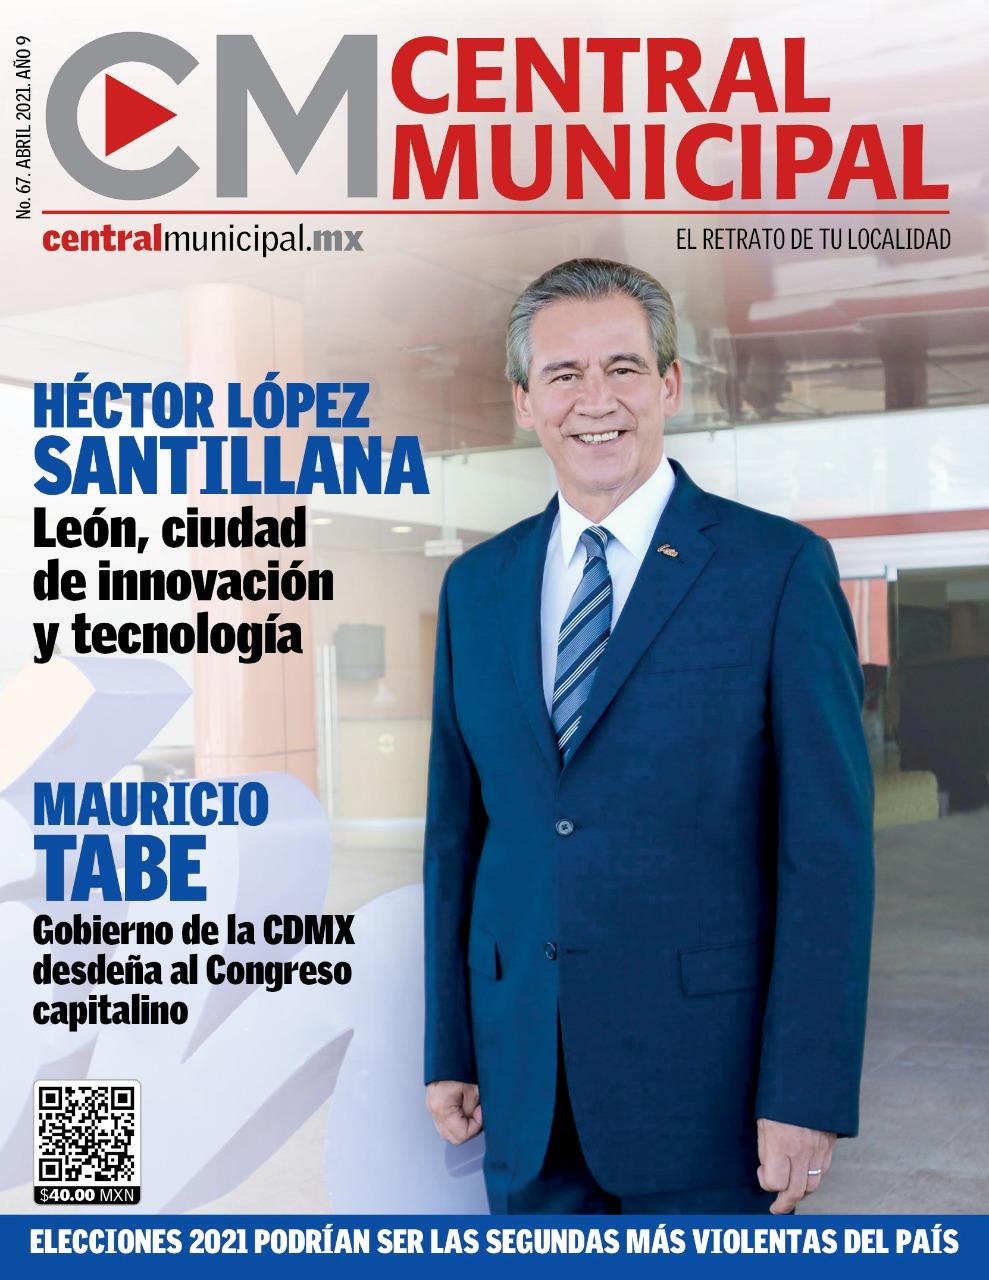 Héctor López Santillana Abril 2021